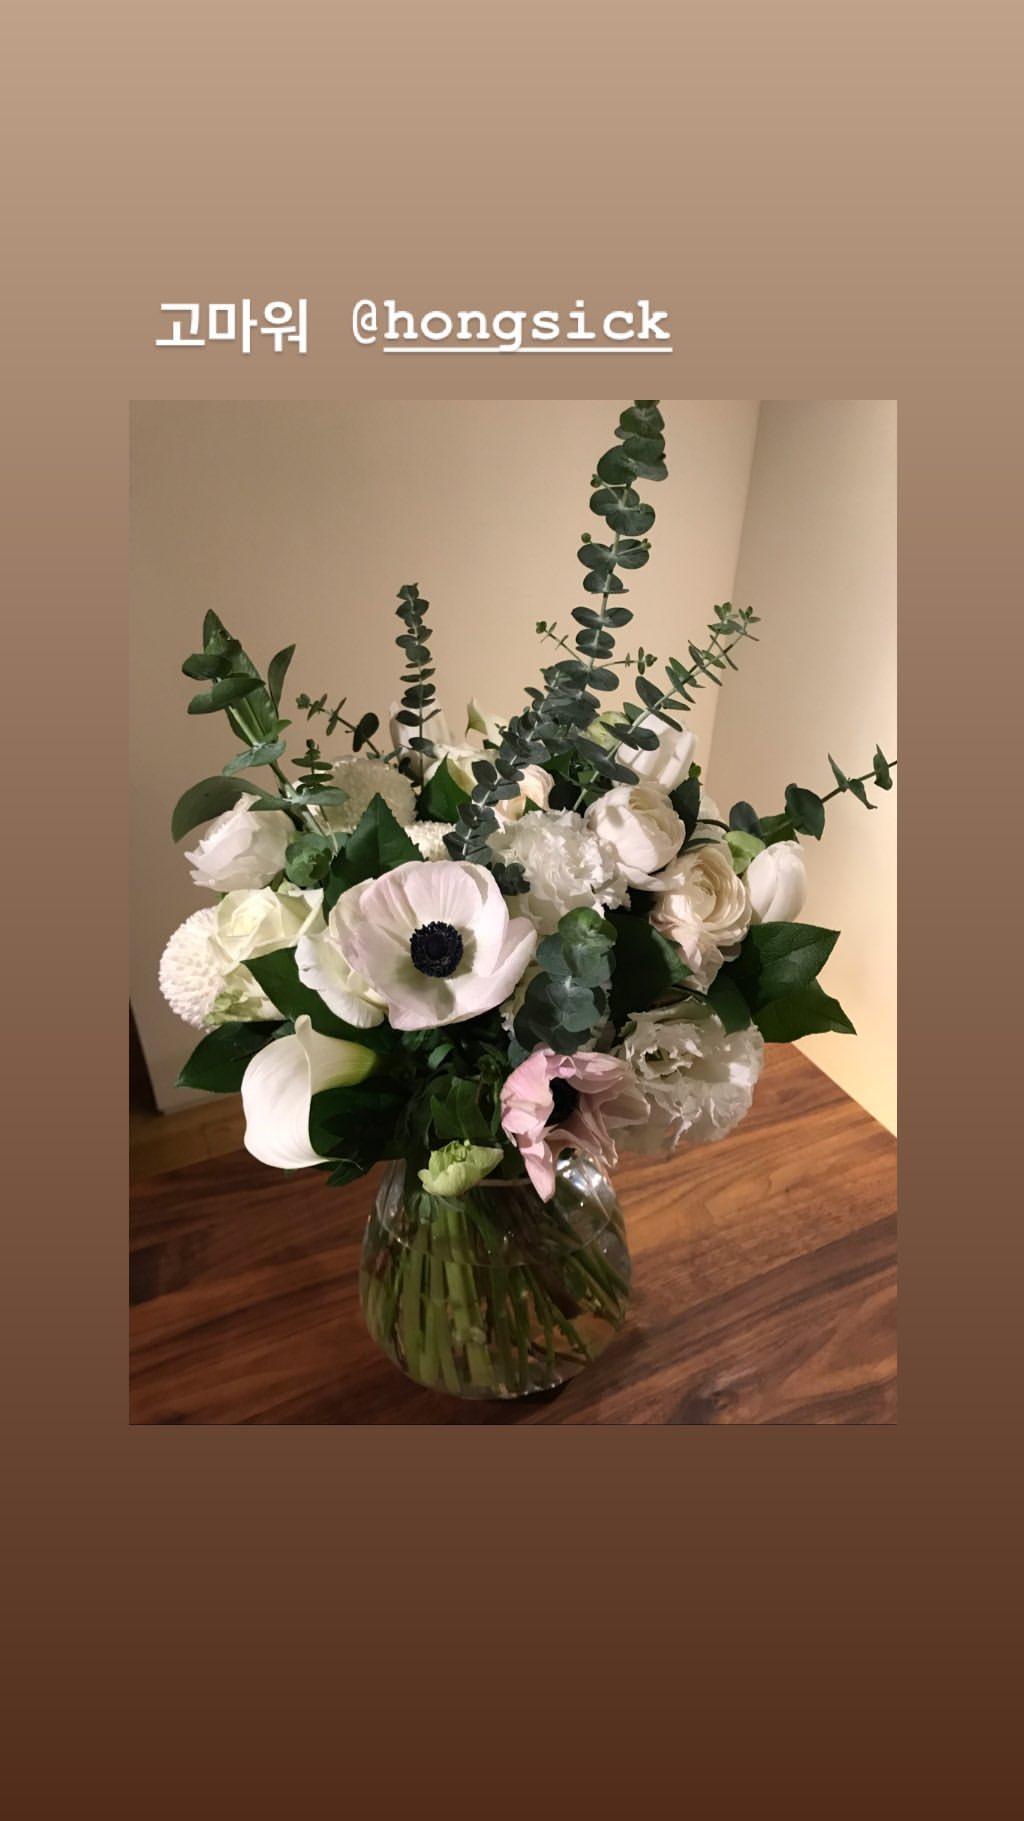 劉亞仁送的花。(ig圖片)